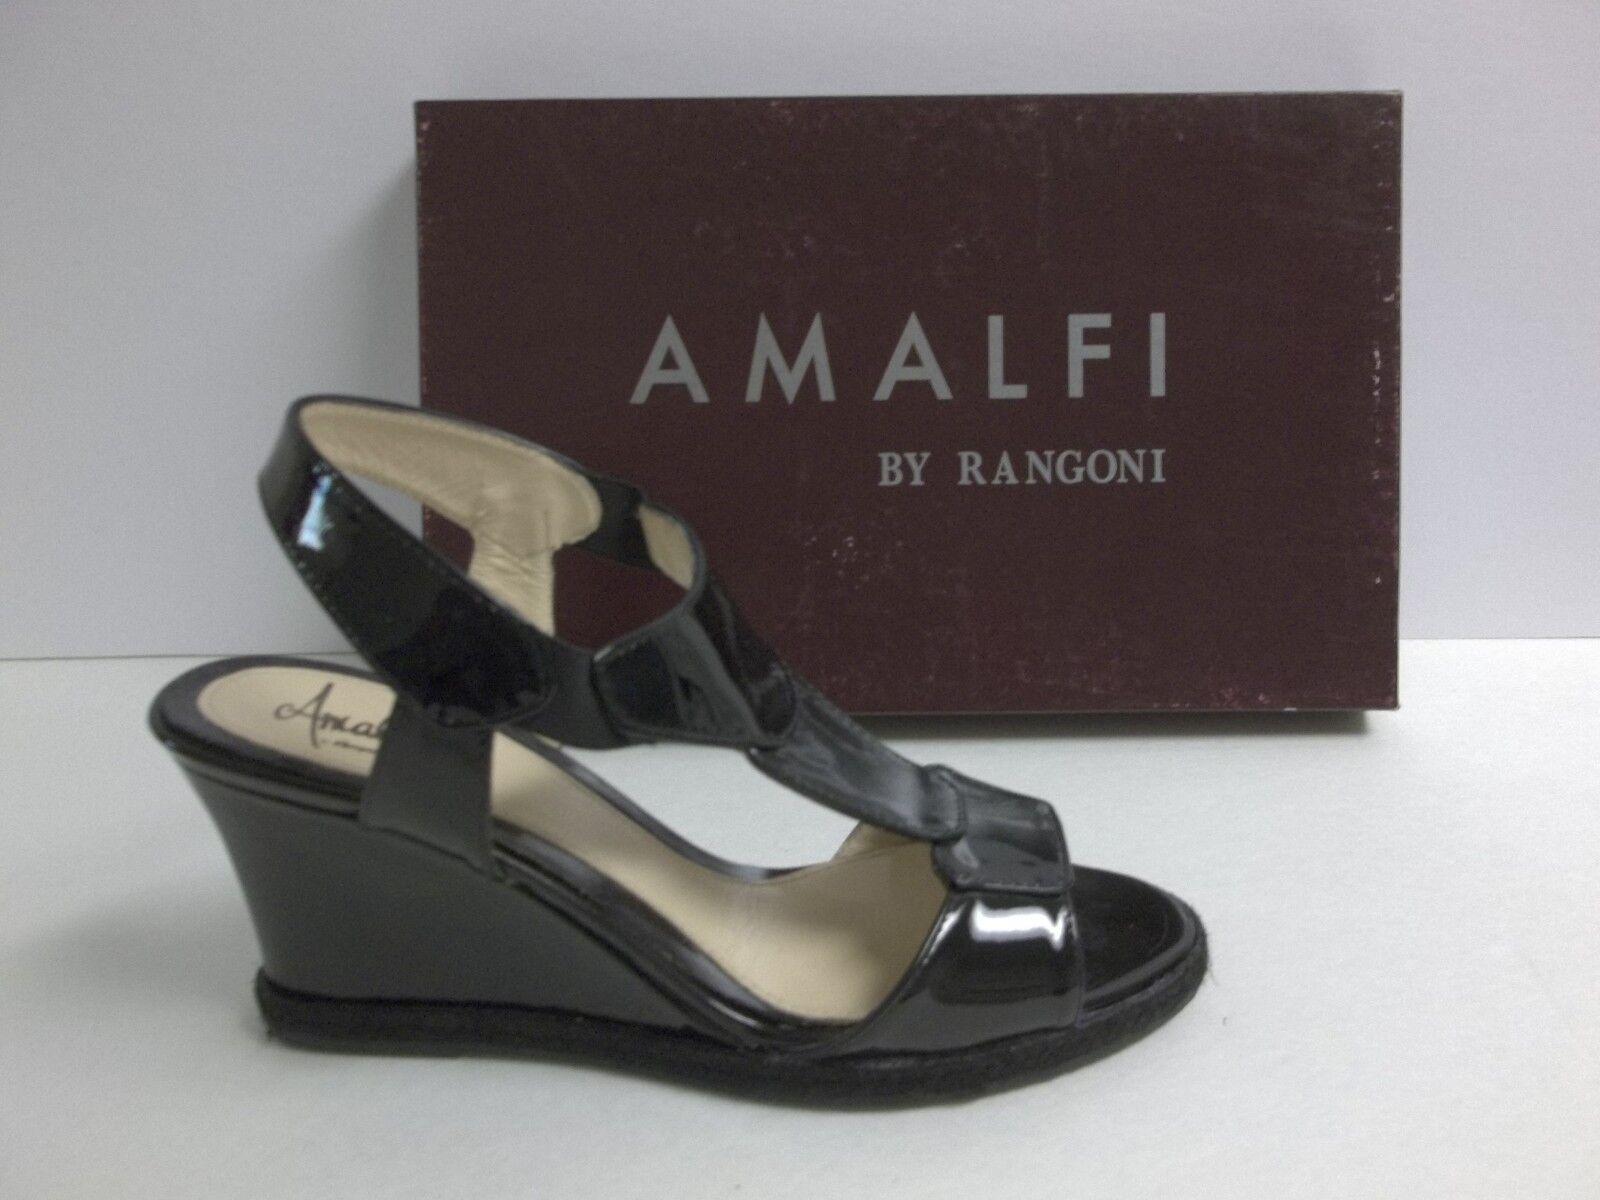 el mas de moda Amalfi By By By Rangoni tamaño 7.5 M Lodi Negro Cuero Nuevos Mujer Zapatos Sandalias de cuña  vendiendo bien en todo el mundo